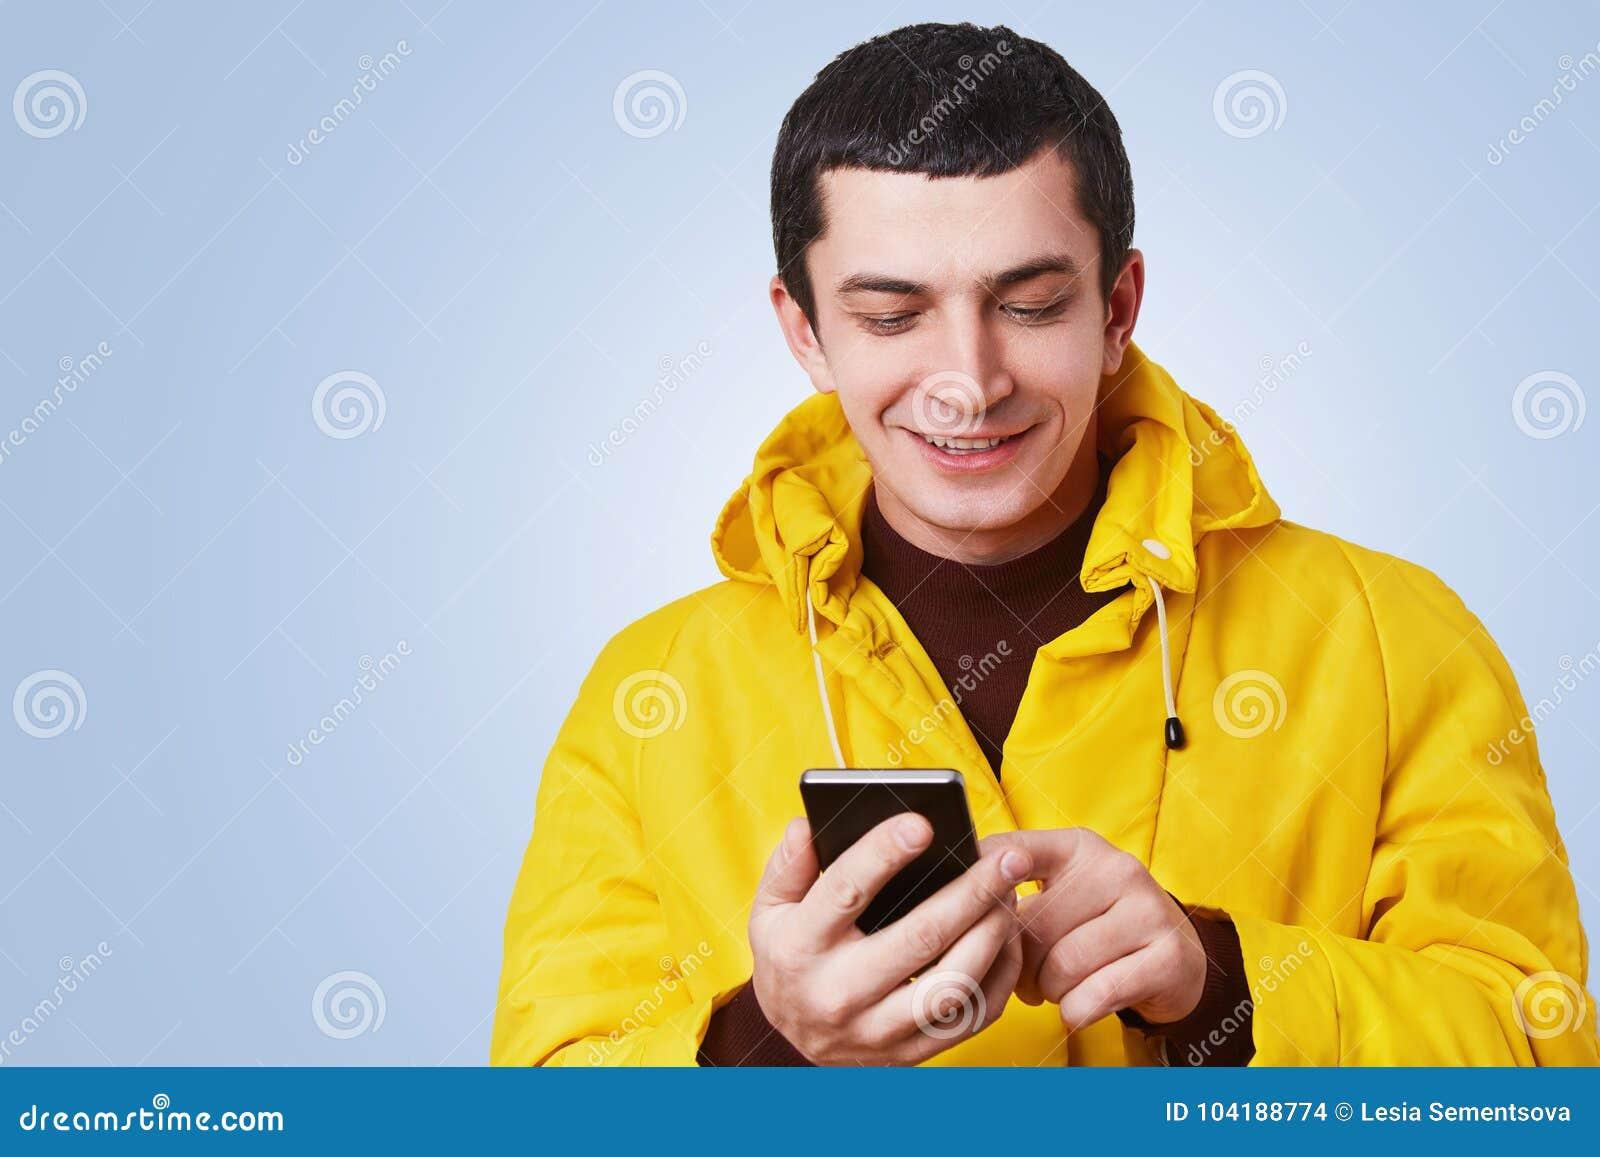 d91a00c90b84 El Retrato Del Hombre Joven Atractivo Alegre Utiliza El Teléfono ...